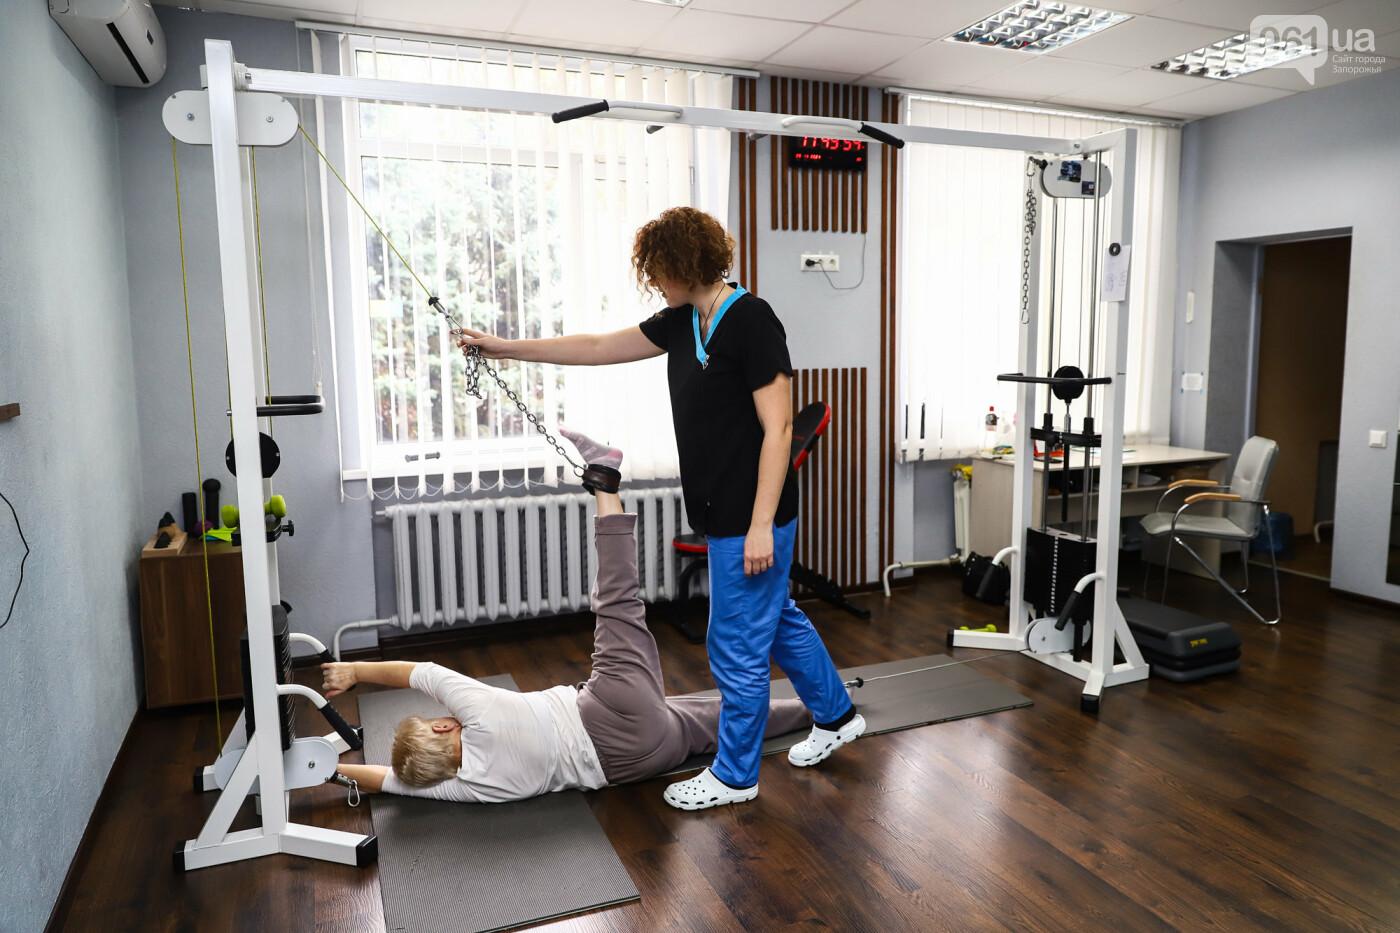 3D-исследование и уникальные тренажеры: как в запорожской клинике OrtoSano лечат болезни позвоночника и суставов, фото-11